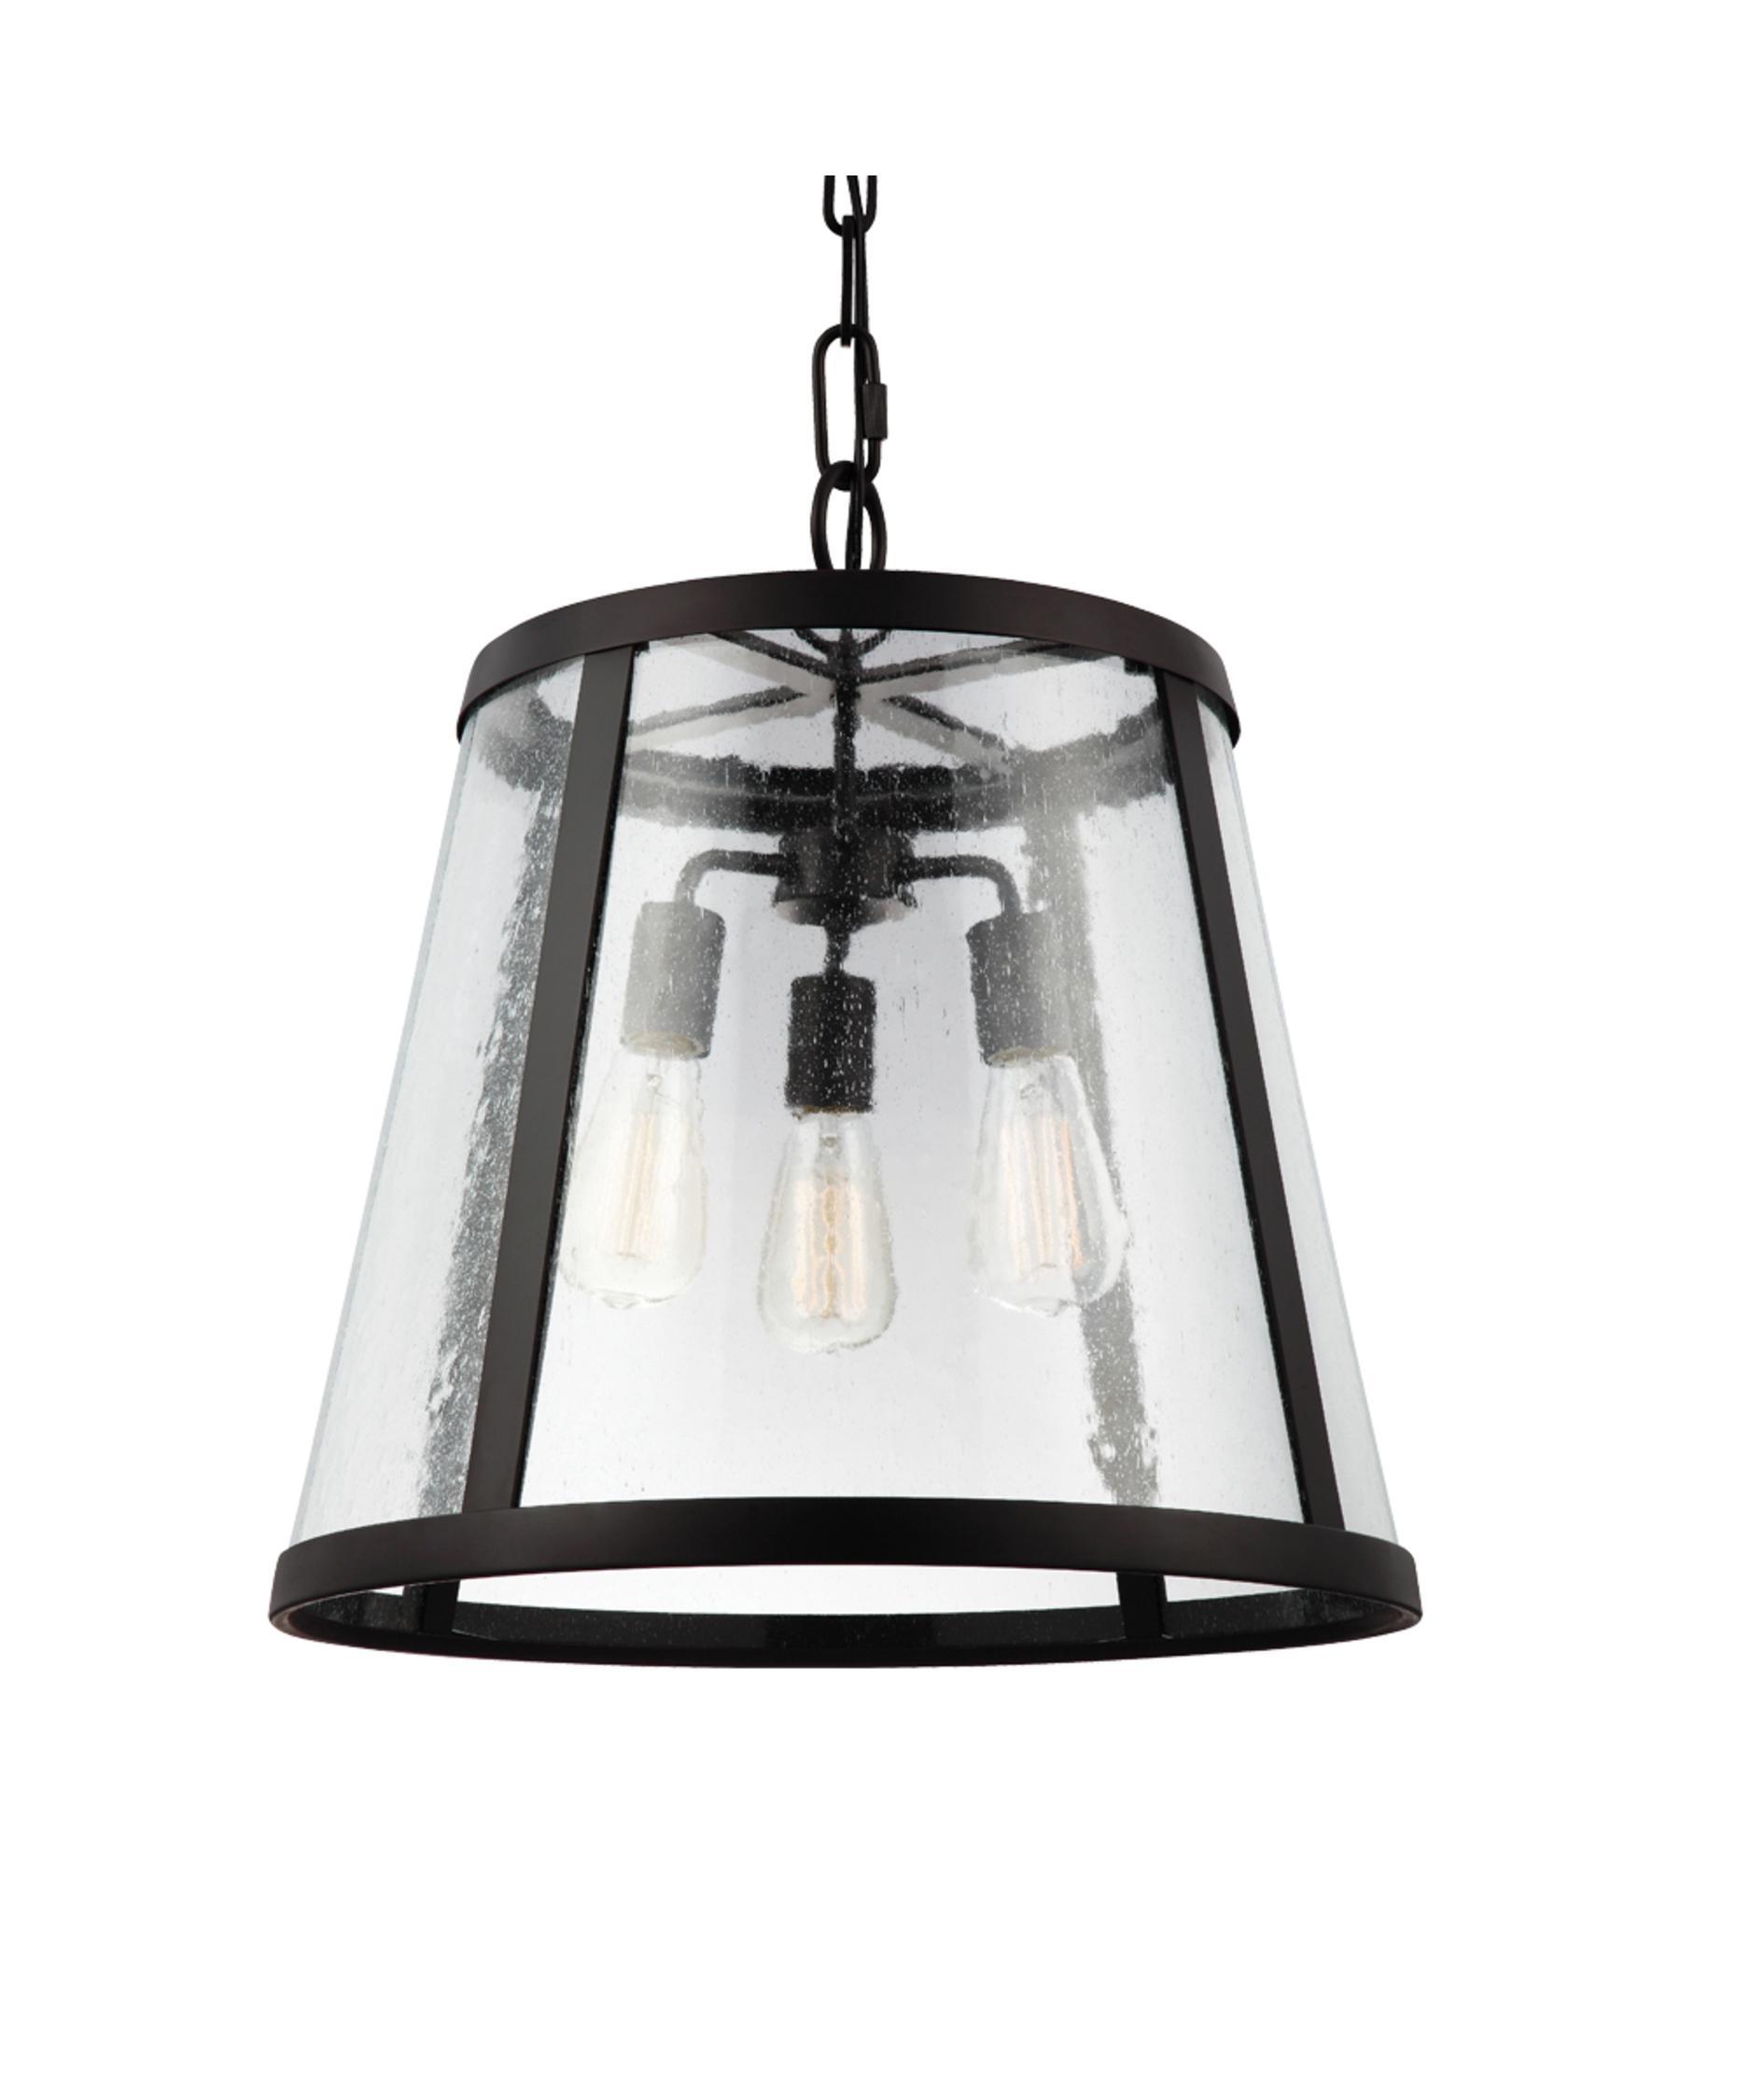 Murray Feiss Semi Flush Ceiling Light | Murray Feiss | Feis Lighting